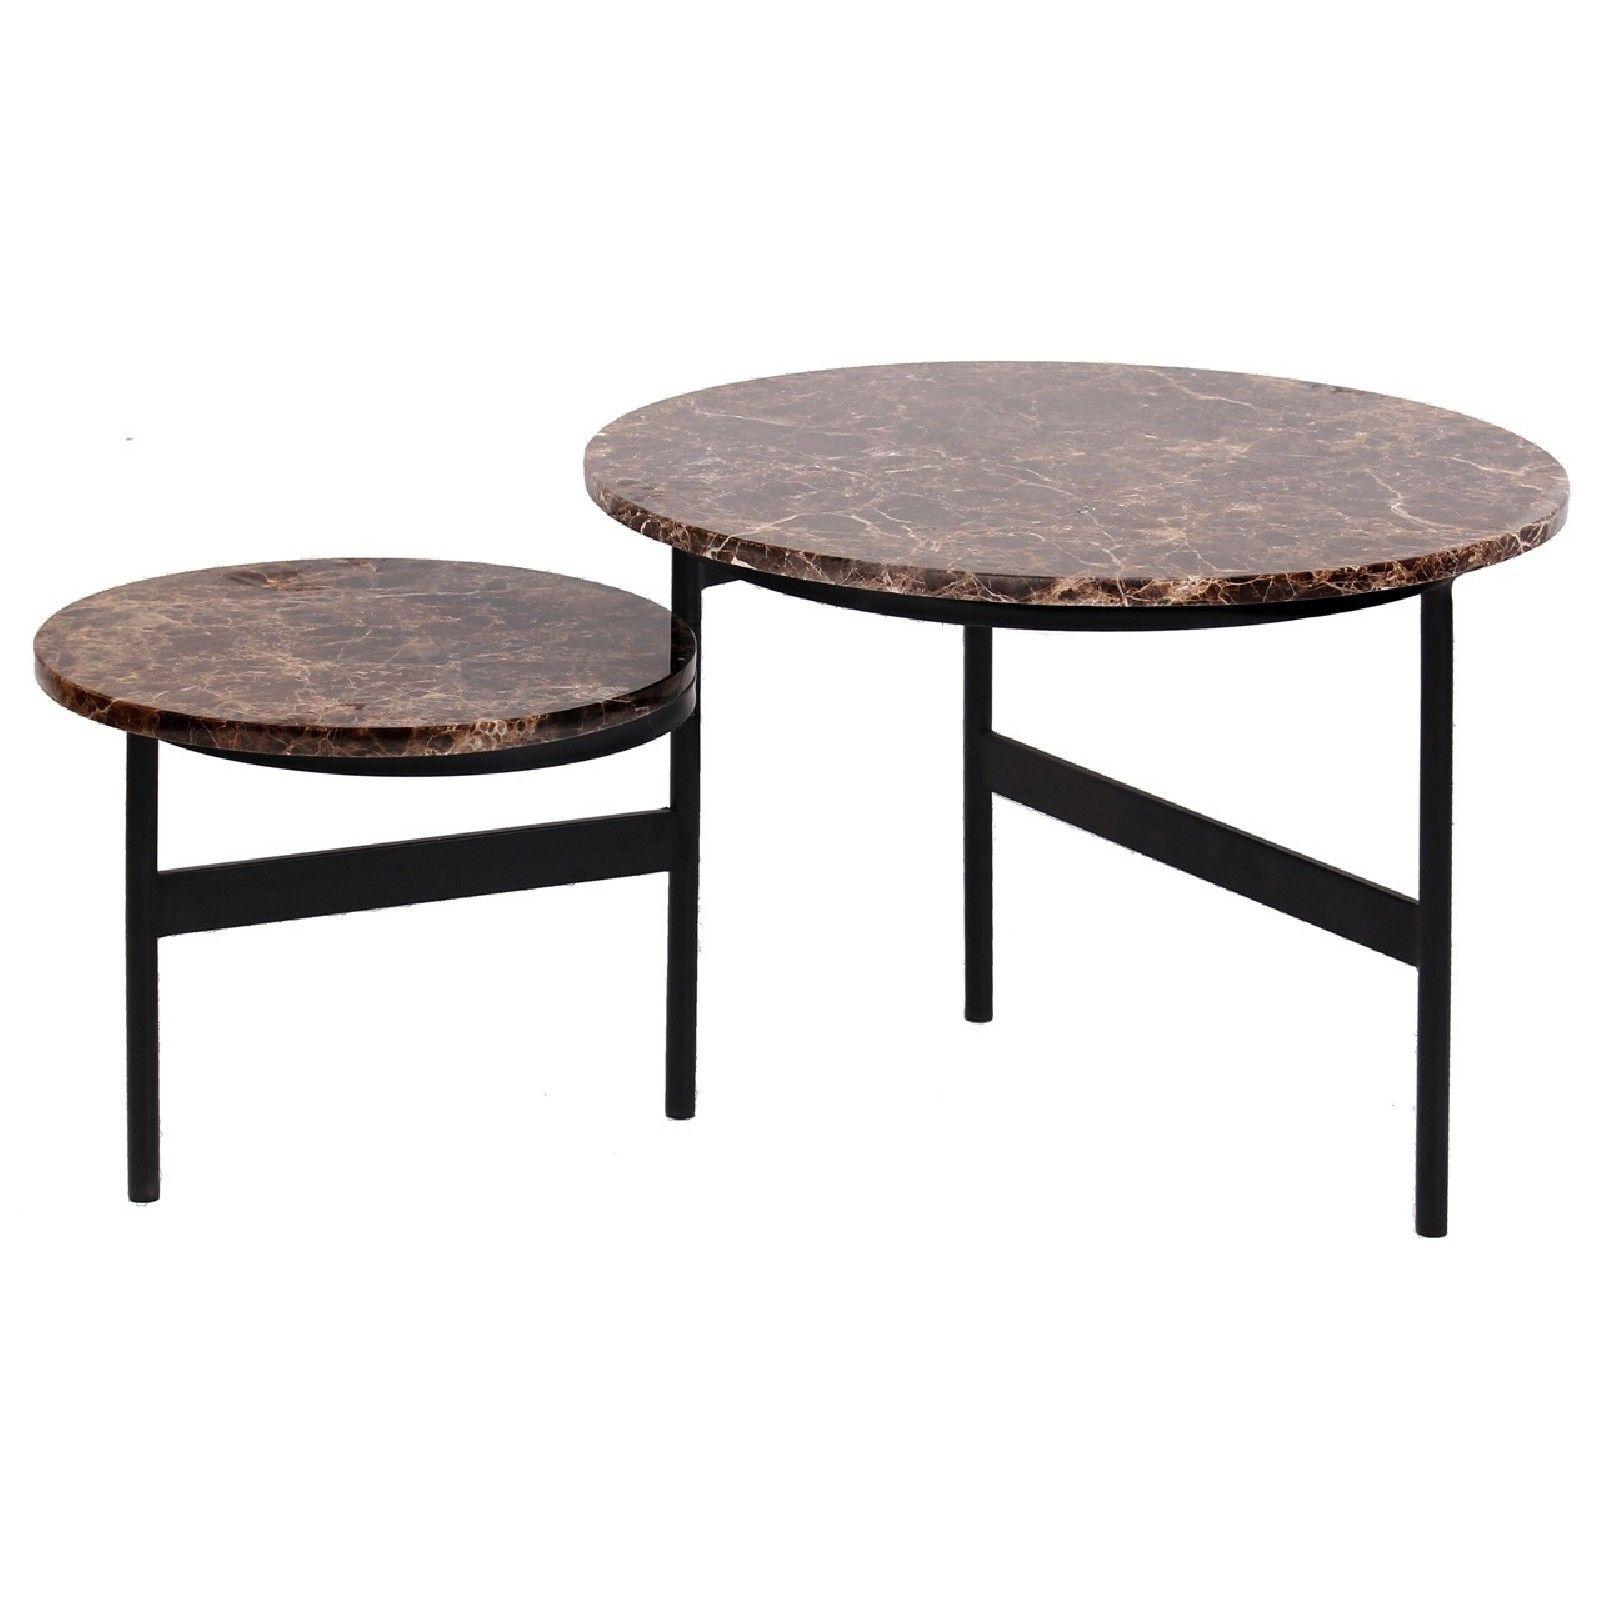 Table basse ronde - 2 plateaux rotatifs - Fer et marbre brun empereur